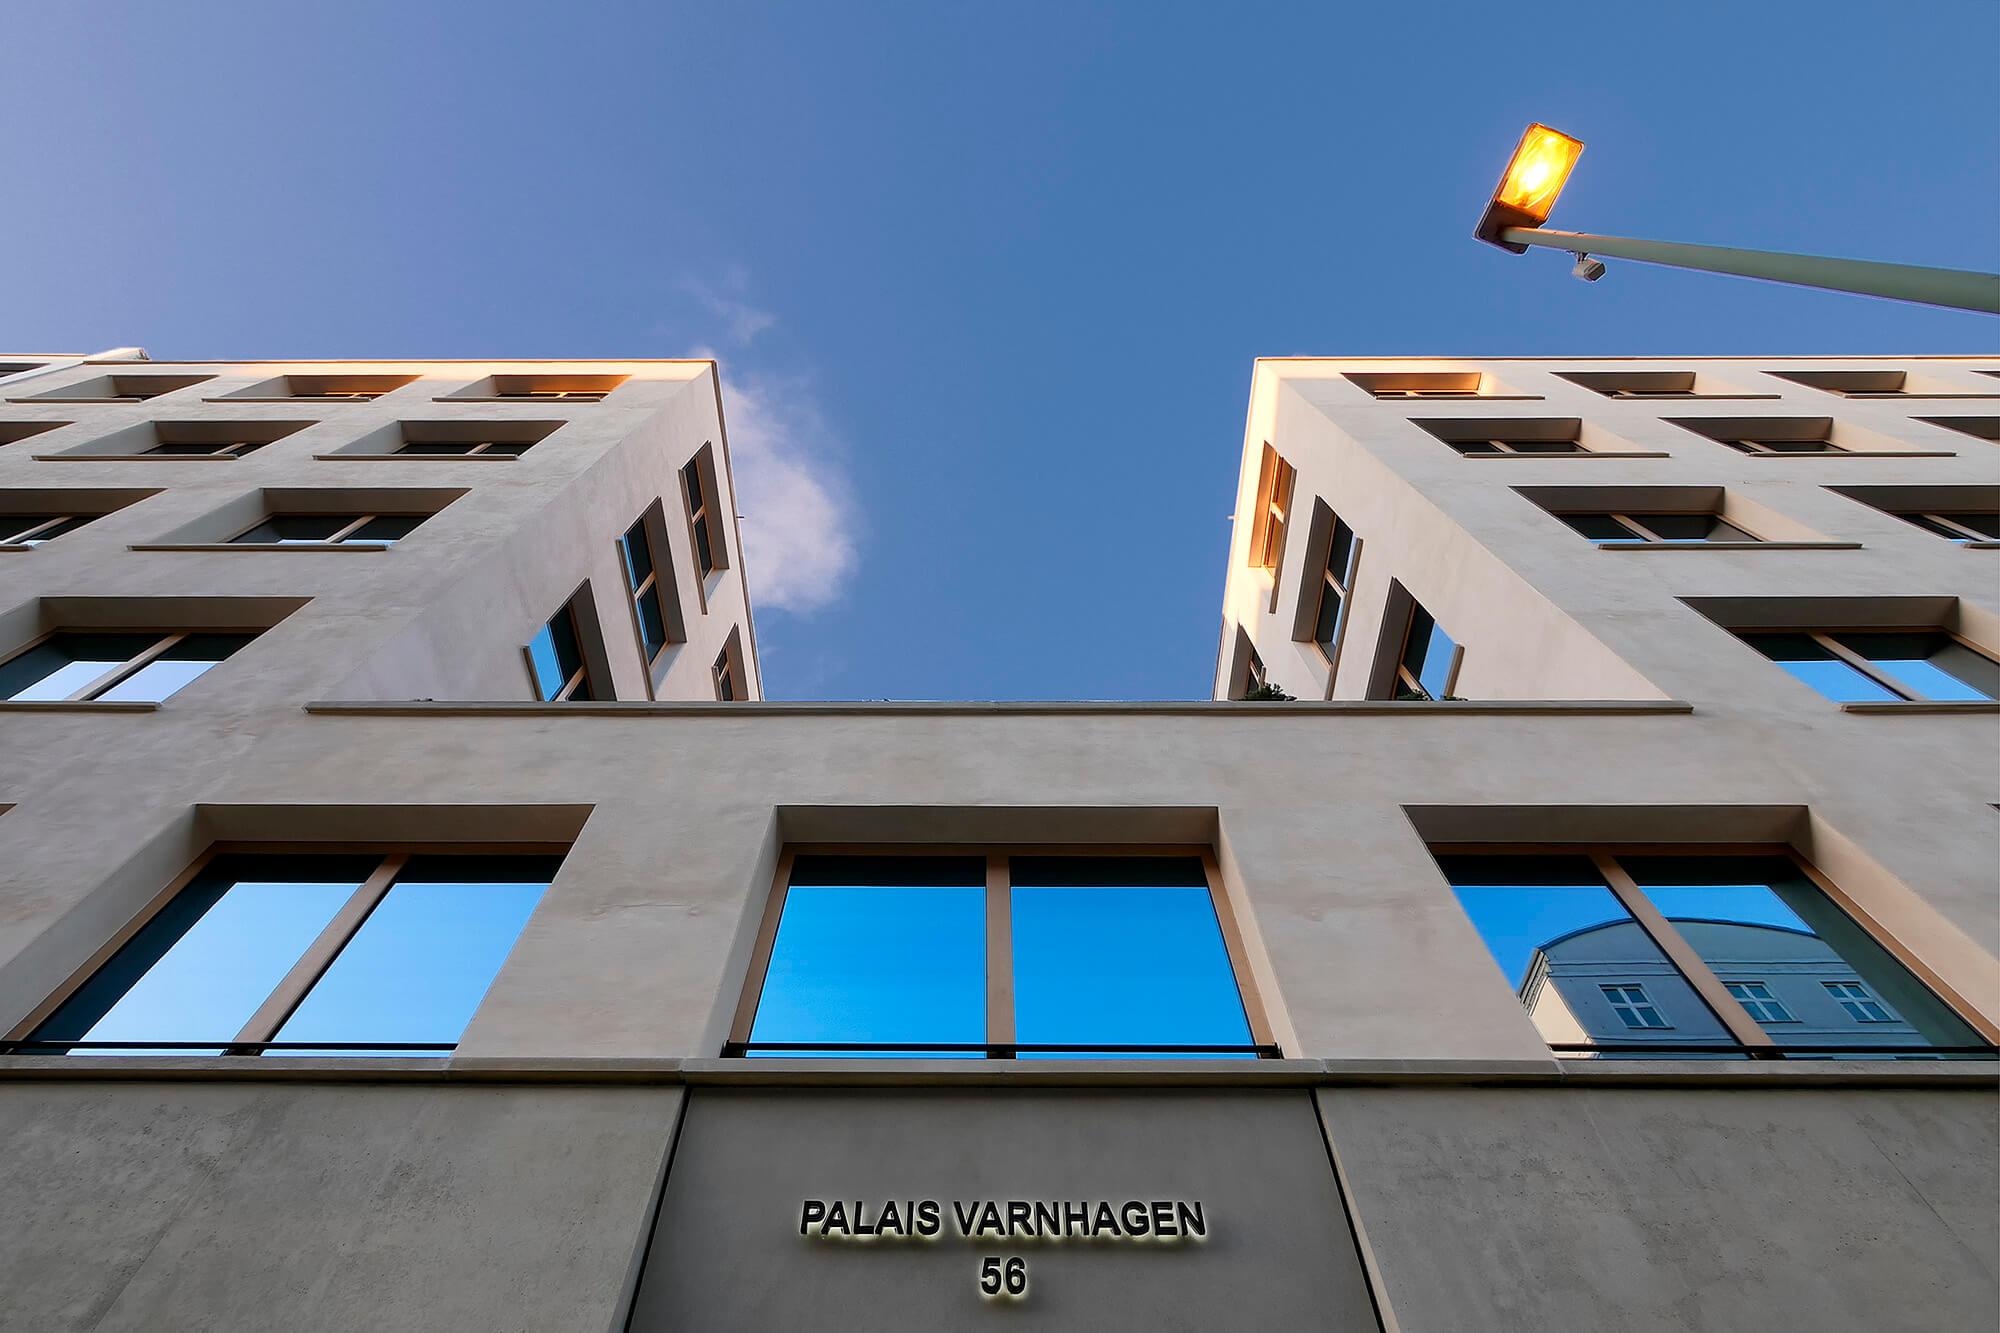 Brandmeldeanlagen Parlais Varnhagen